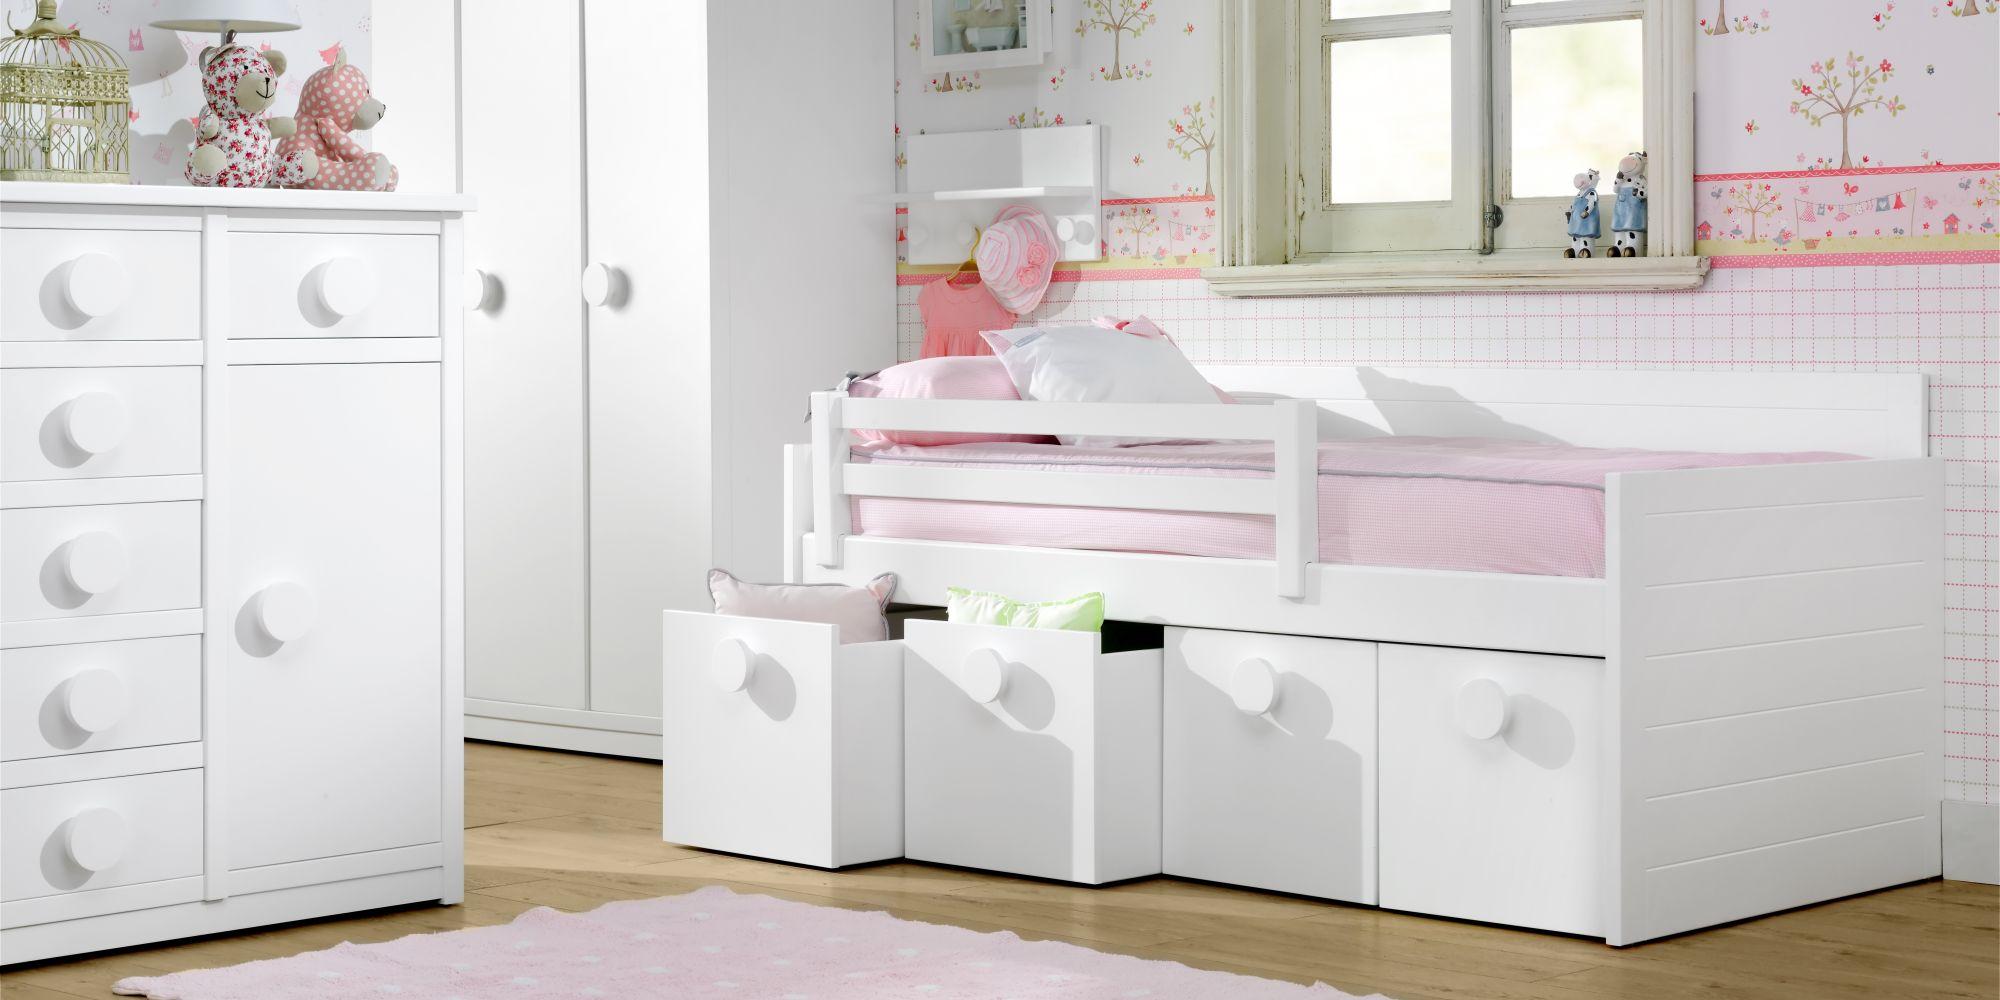 Habitación con cama nido y amplios espacios de almacenaje